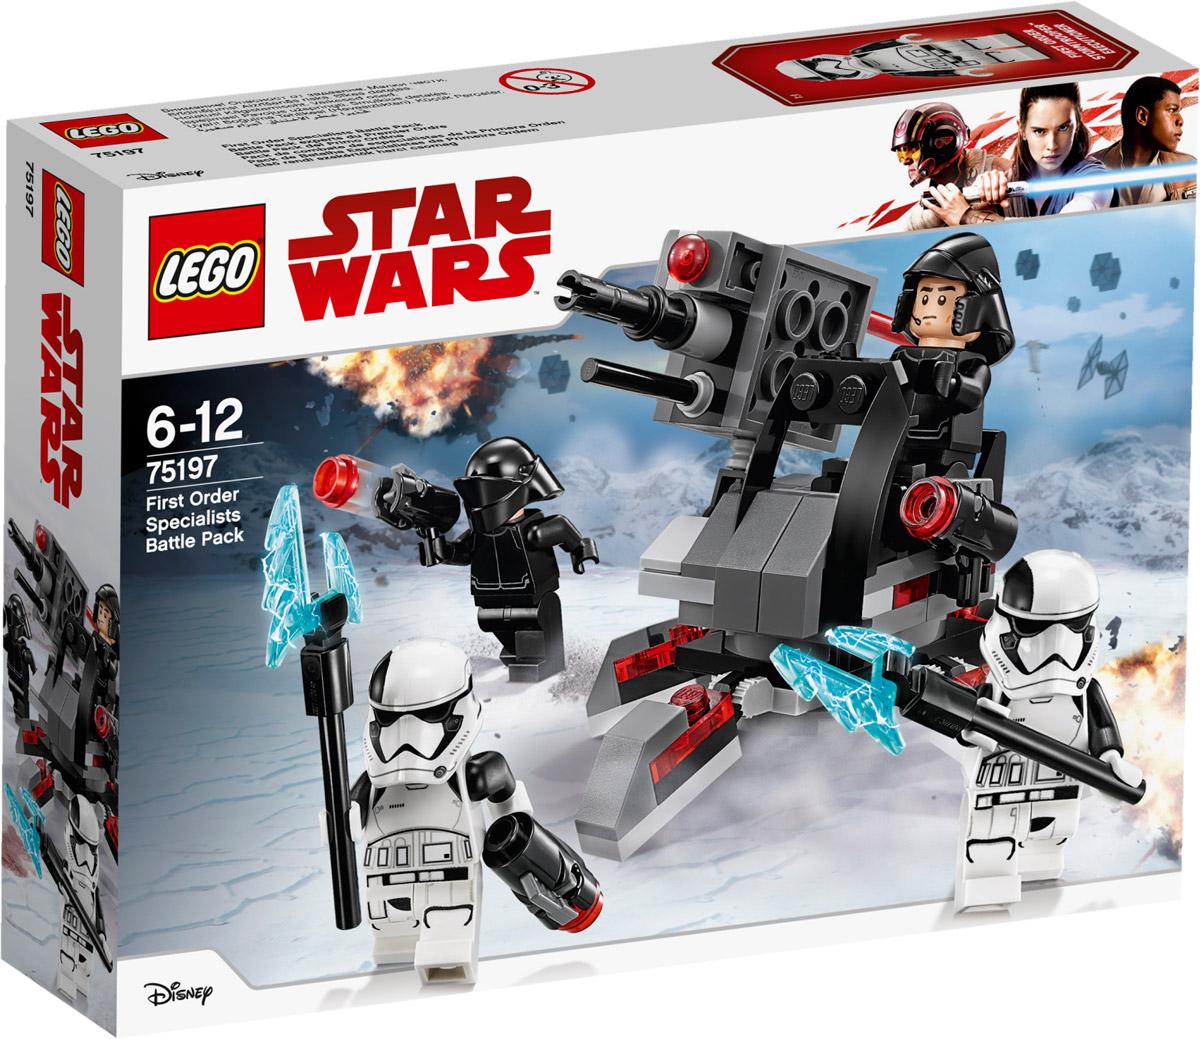 LEGO Star Wars Конструктор Боевой набор специалистов Первого Ордена 75197 - Конструкторы